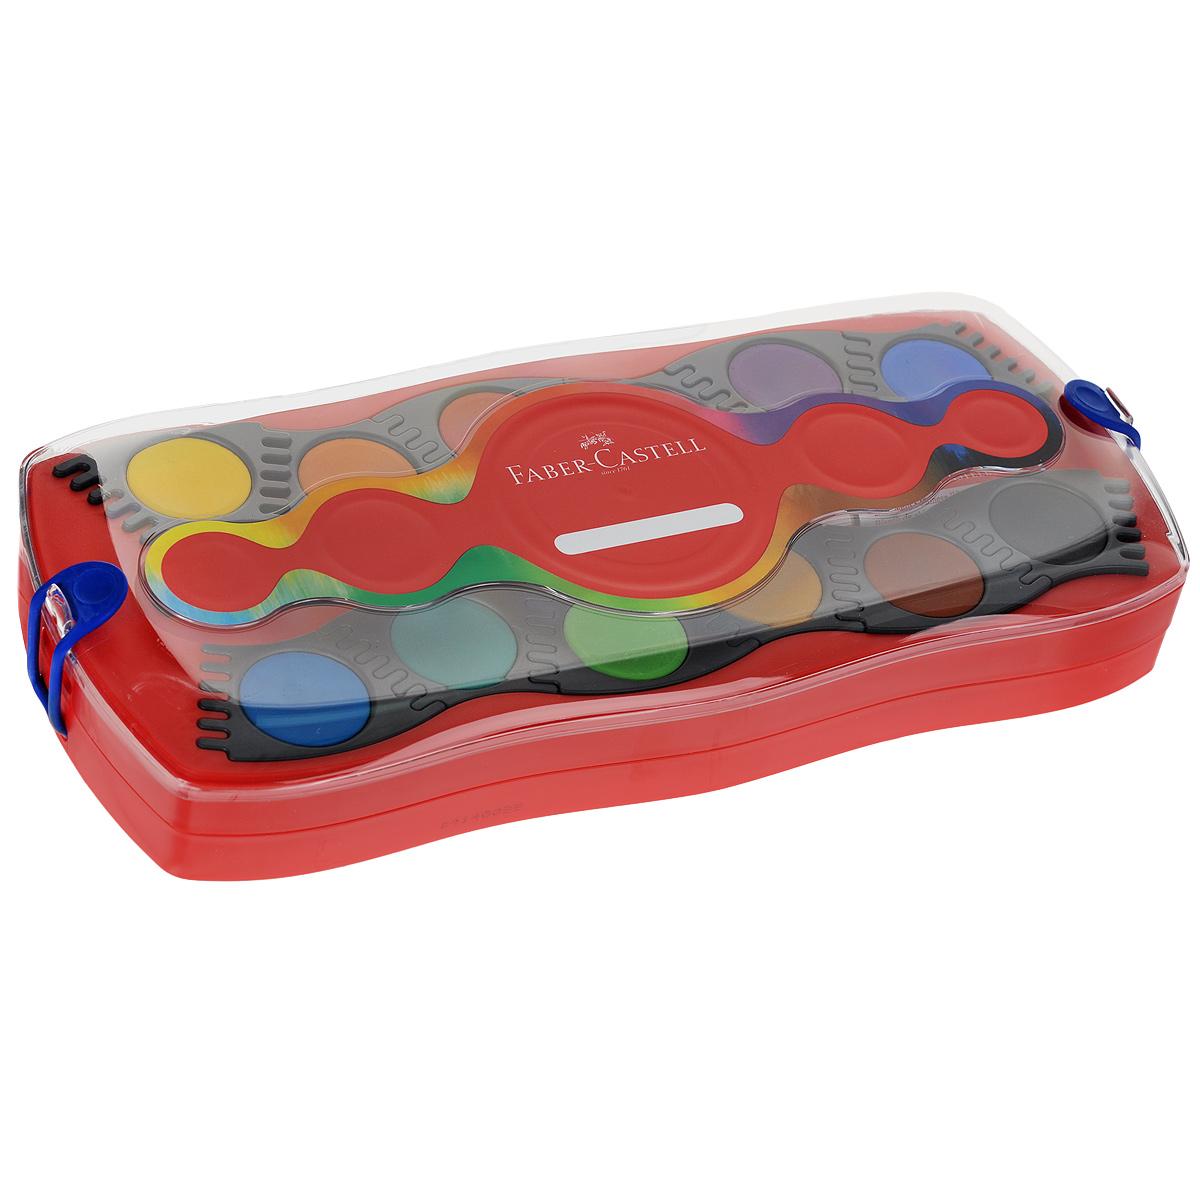 Акварельные краски Faber-Castell Connector, 24 штFS-54103Акварельные краски Faber-Castell Connector идеально подойдут как для детского художественного творчества, так и для изобразительных и оформительских работ. Краски легко размываются, создавая прозрачный цветной слой, отлично смешиваются между собой, не крошатся и не смазываются, быстро сохнут.В наборе 24 краски ярких, насыщенных цветов, а также тюбик с белой краской и кисть. Каждый цвет представлен в основе круглой формы, располагающейся в отдельной ячейке, которую можно перемещать либо комбинировать с нужными красками, что делает процесс рисования легким и удобным. Коробка представляет собой два поддона для ячеек с красками с отсеками для кисти и белой краски, а крышка - палитру. Отличный подарок для любителя рисовать акварелью! Рекомендуемый возраст: от 8 лет.